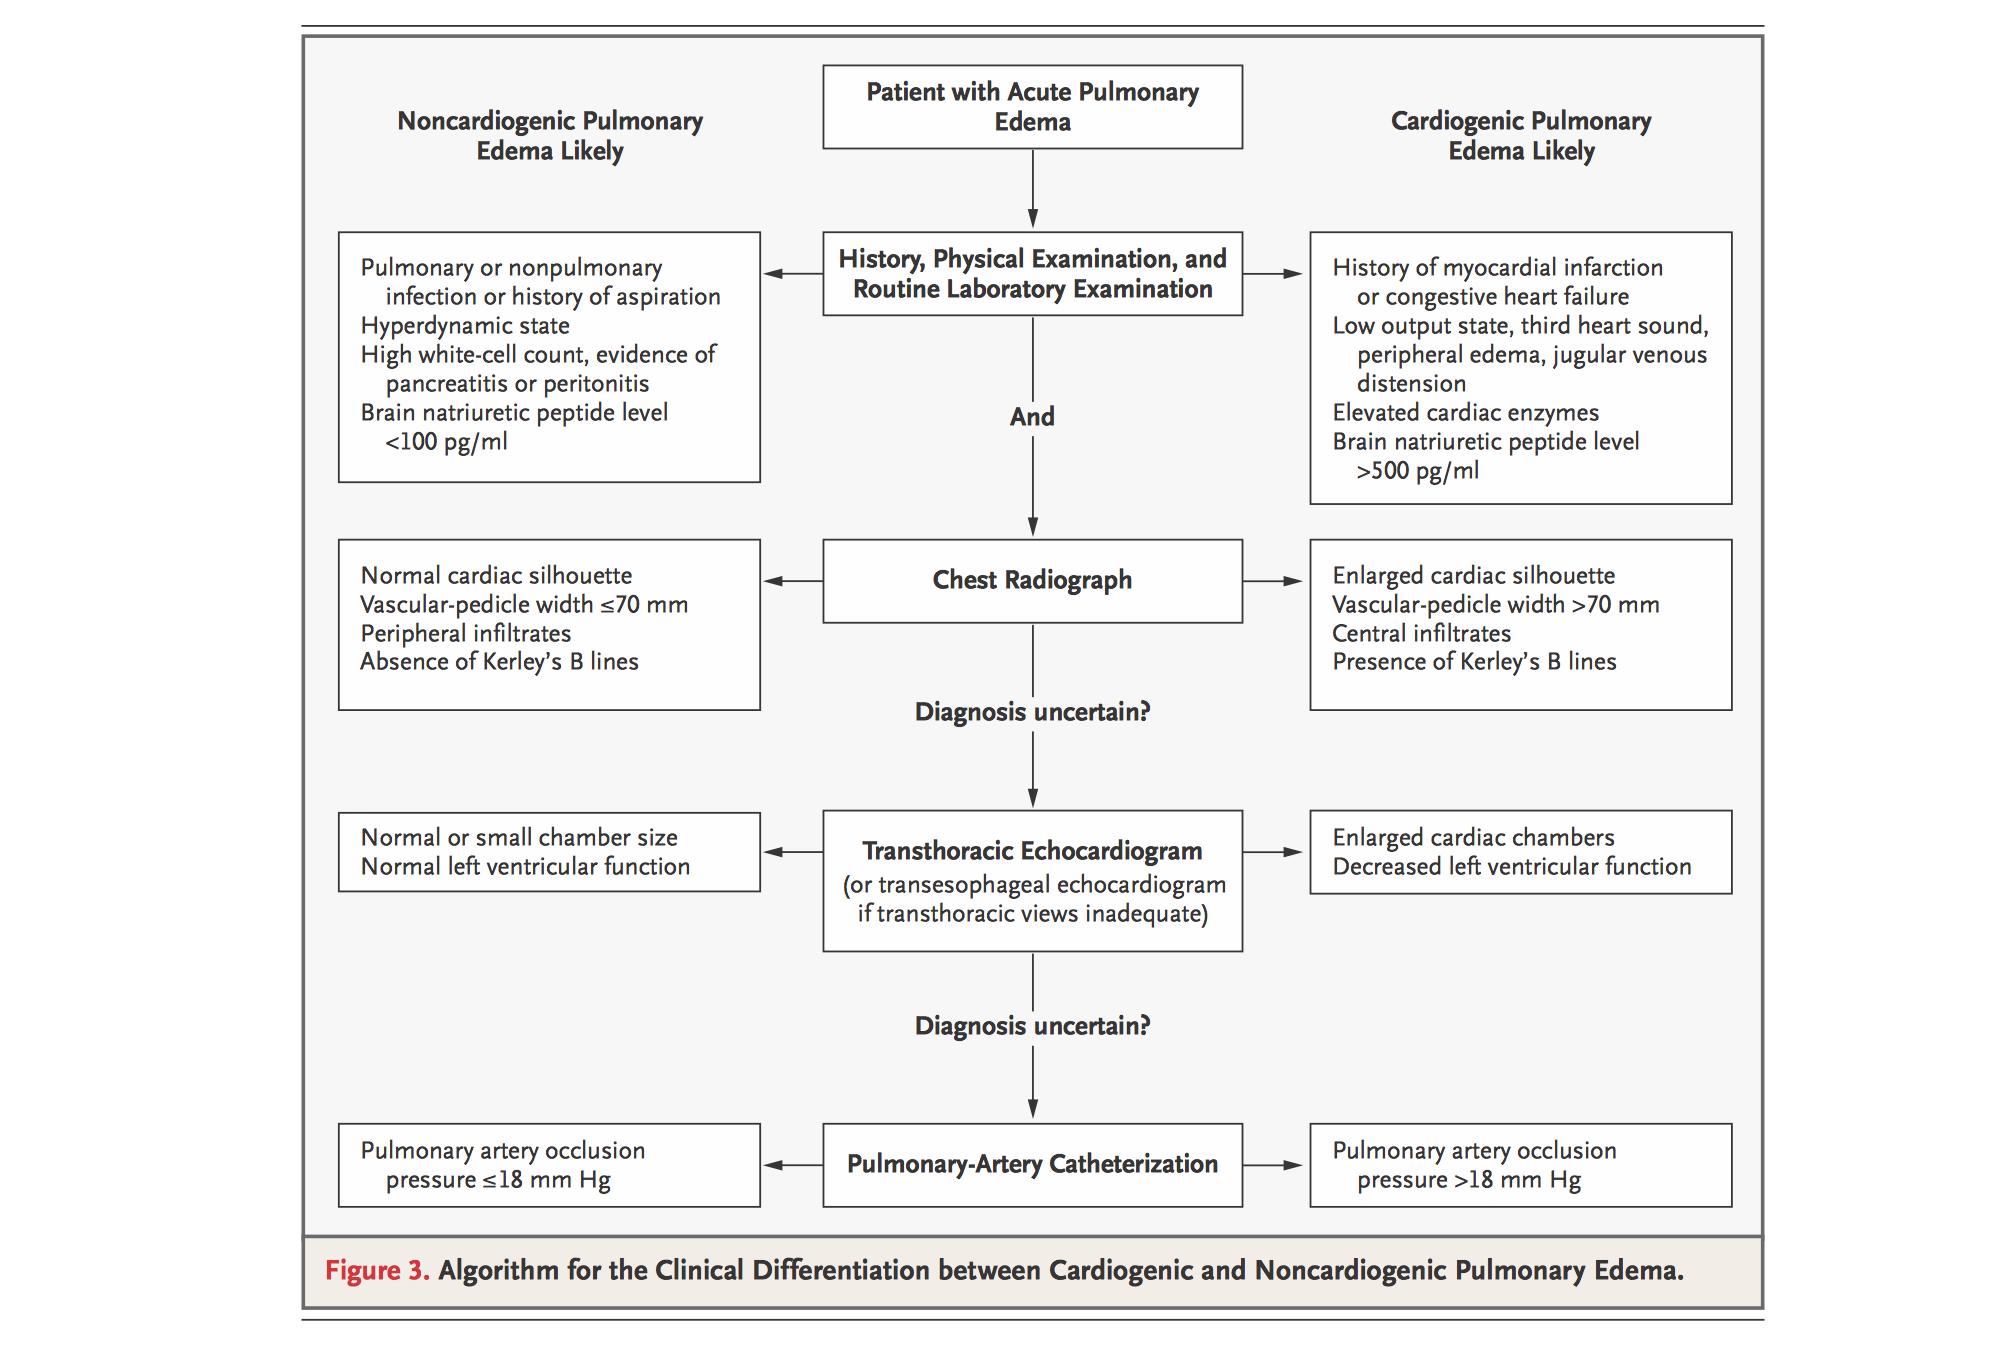 Copd Pathophysiology Concept Map - Perokok q